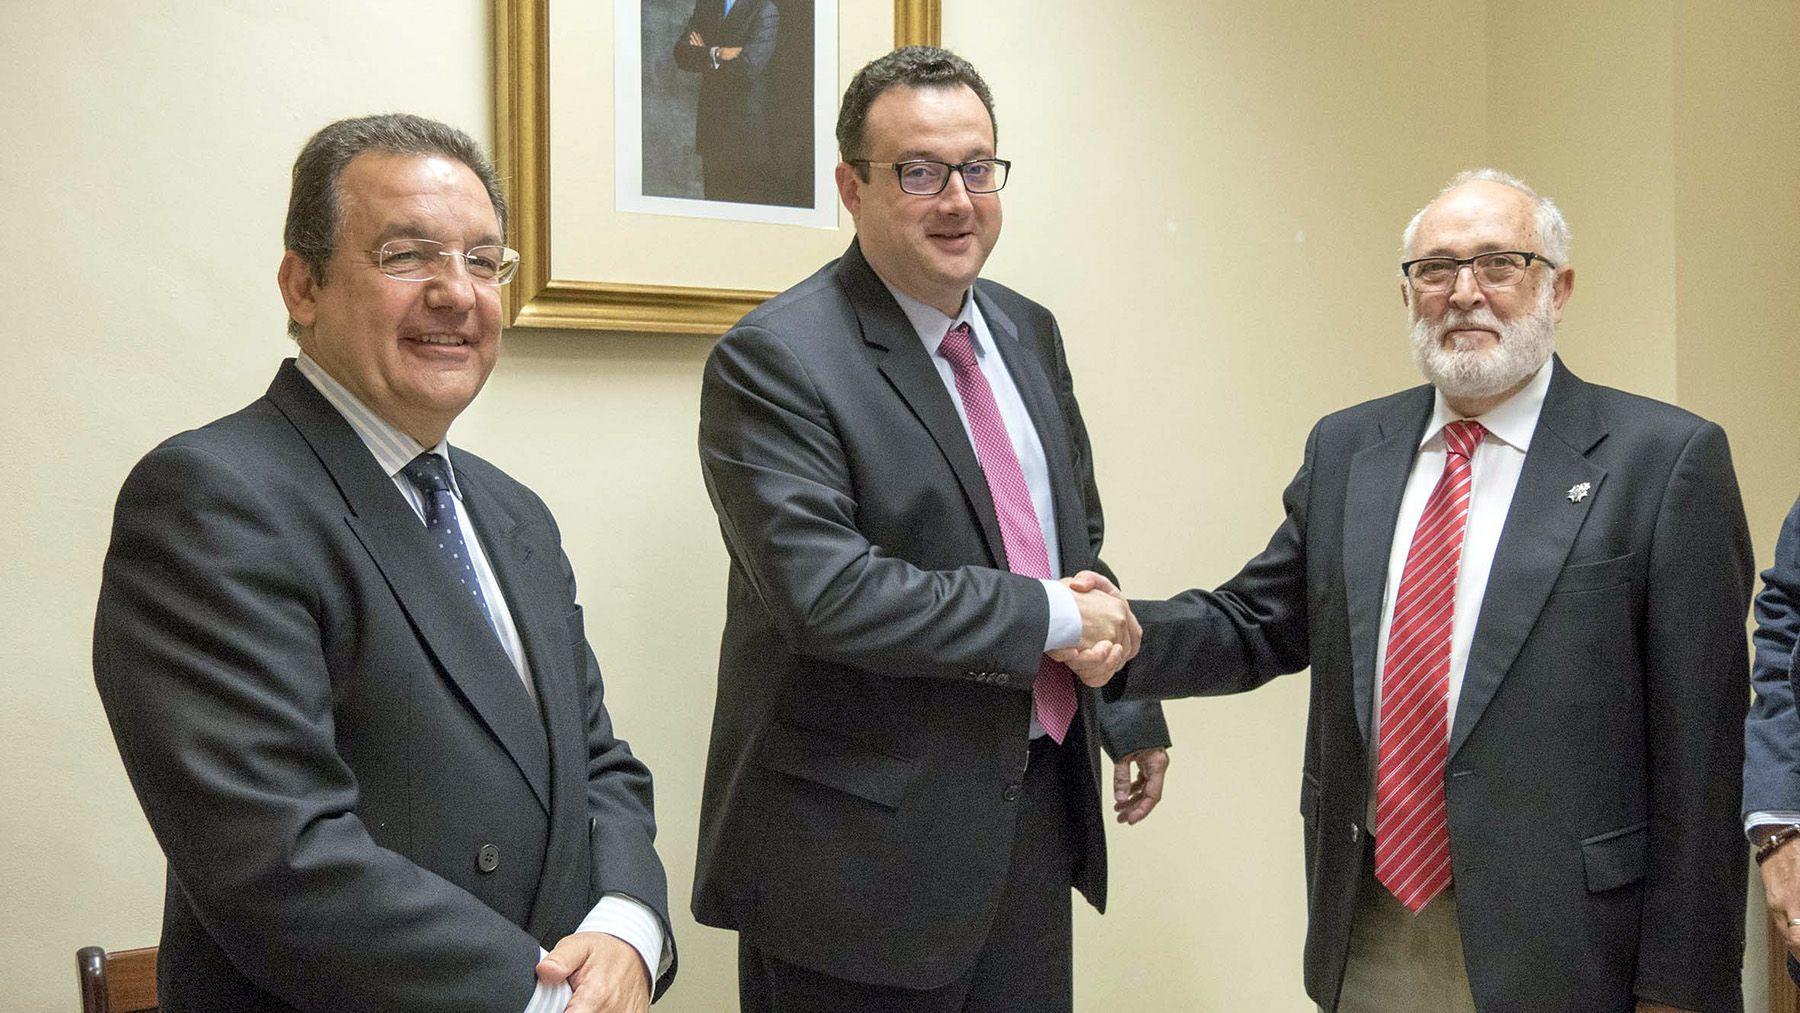 Antonio Amaya, lleva trabajando en la dirección médica del Jerez Puerta del Sur desde el 2010